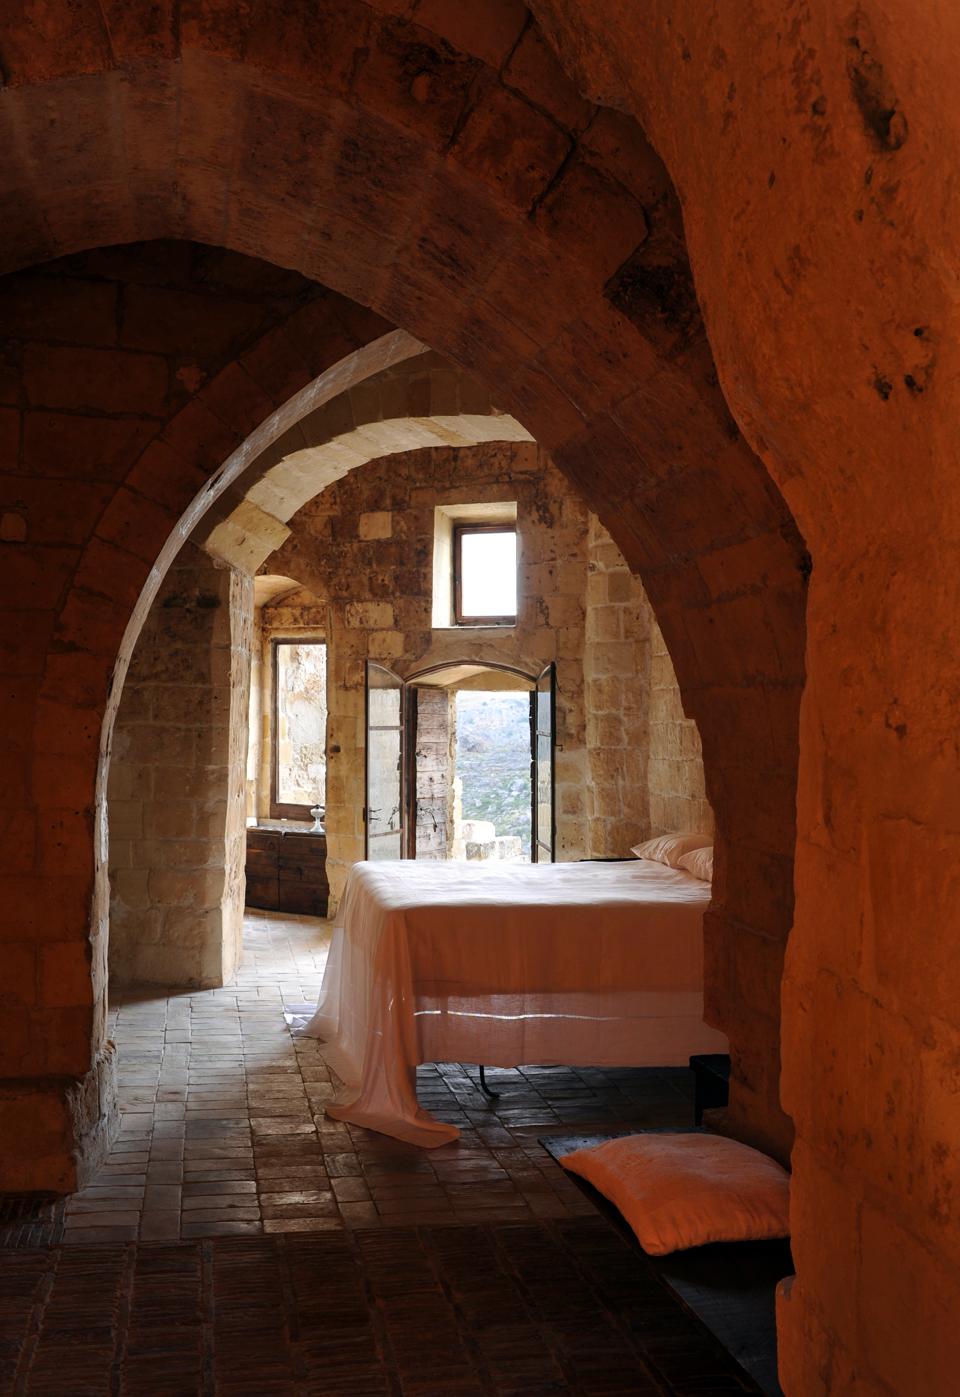 sextantio-della-civita-abandoned-cave-hotel-by-Daniele-Kihlgren-8